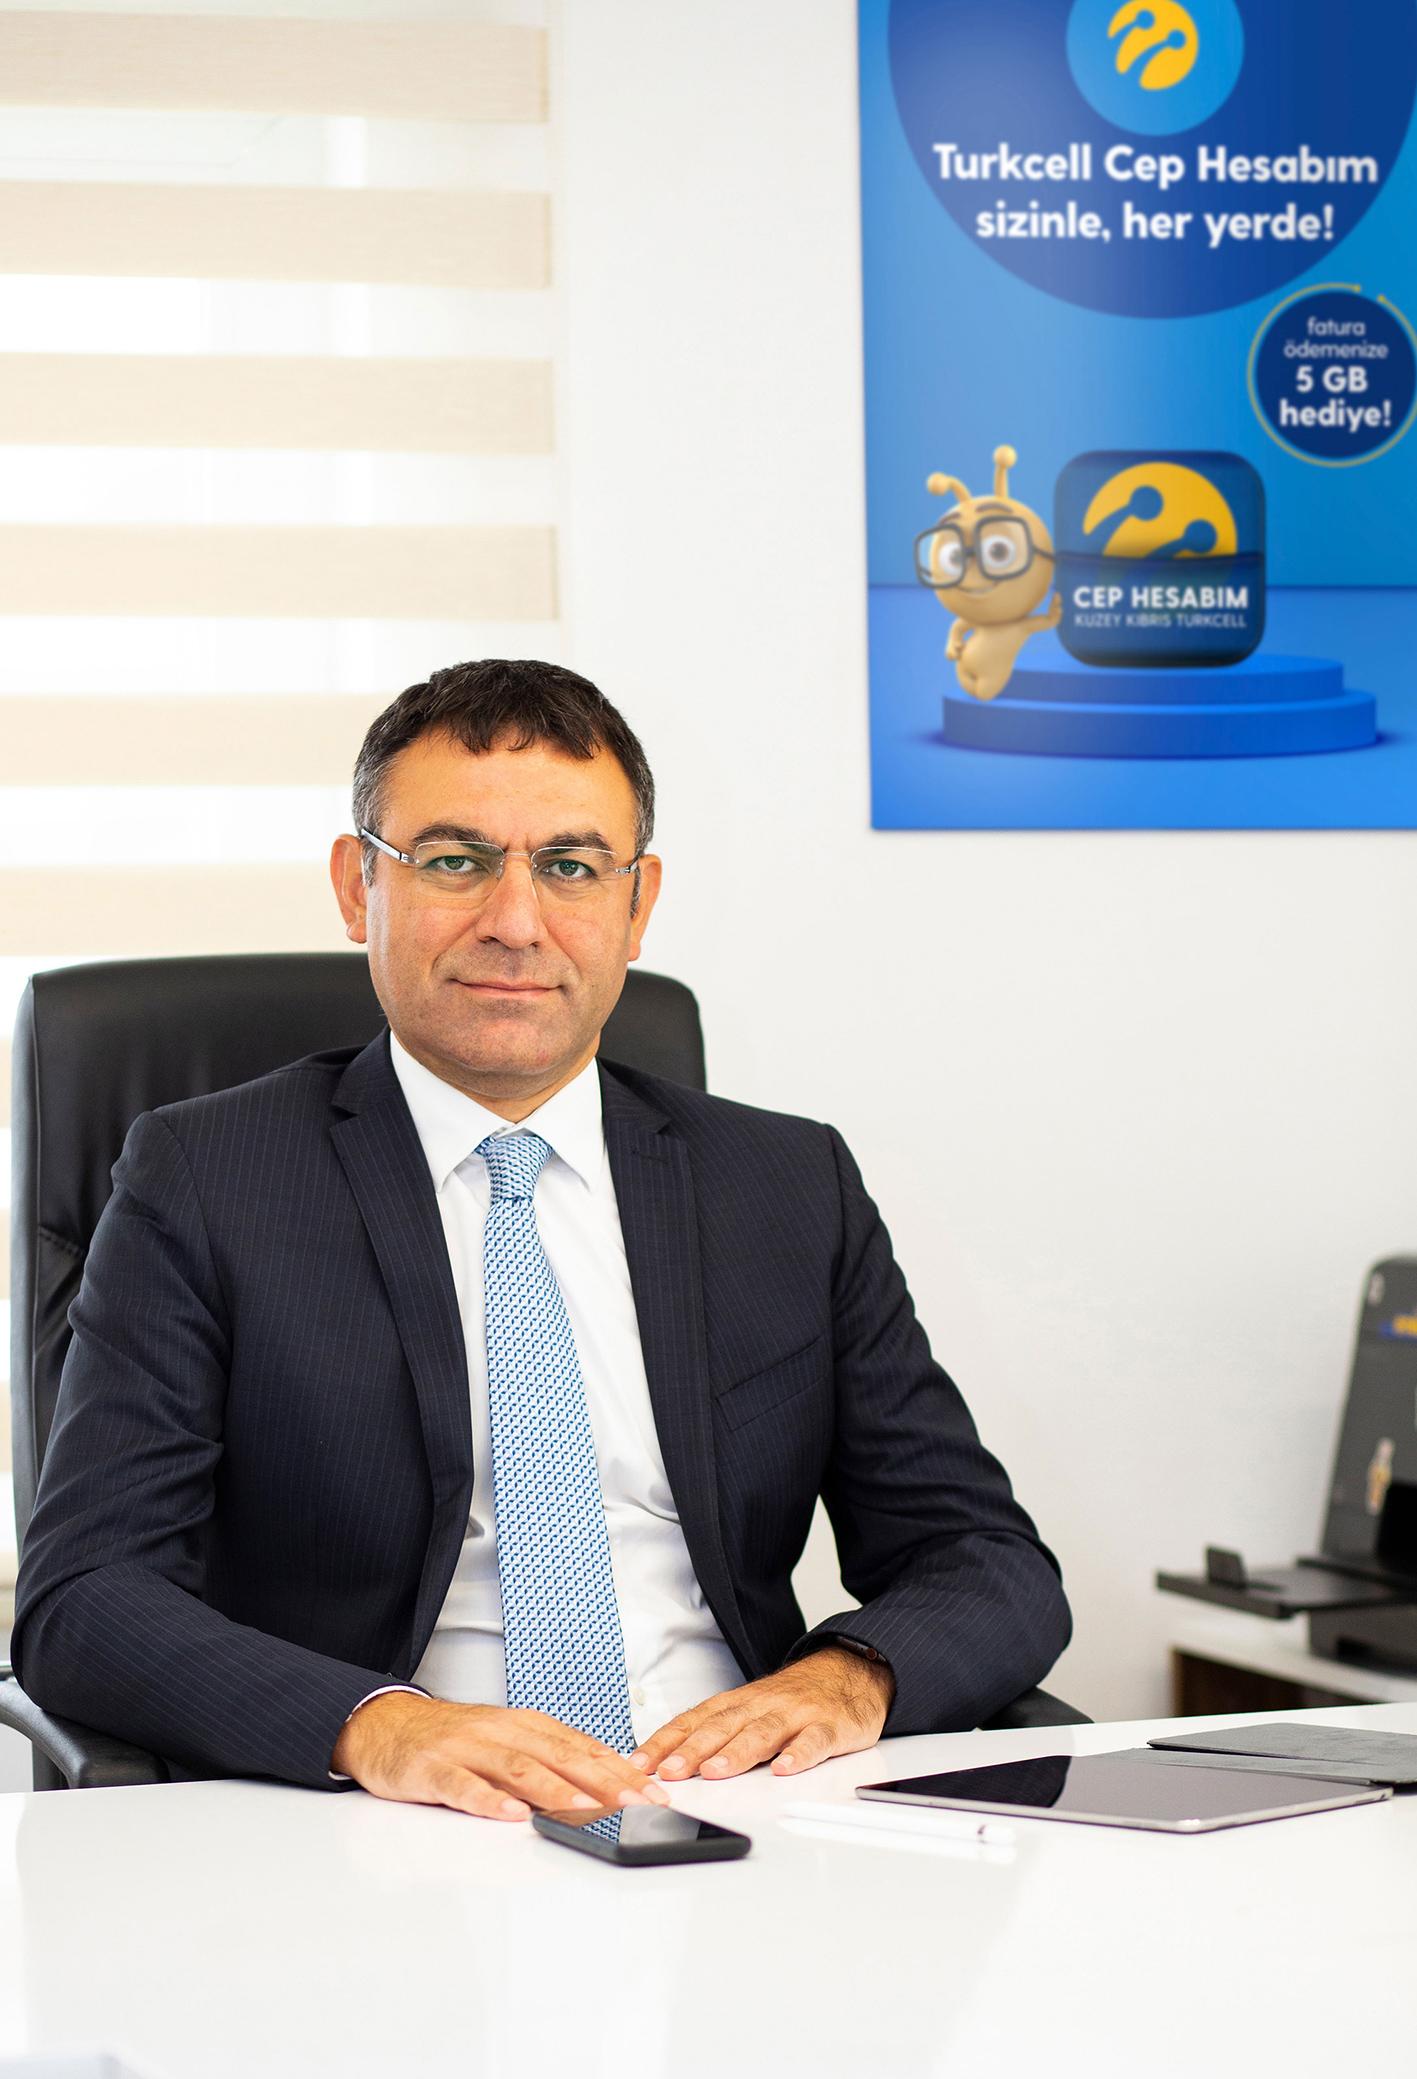 Kuzey Kıbrıs Turkcell,Faturasını ödeyemeyenin hattı kapanmayacak; gecikme faizi de yok